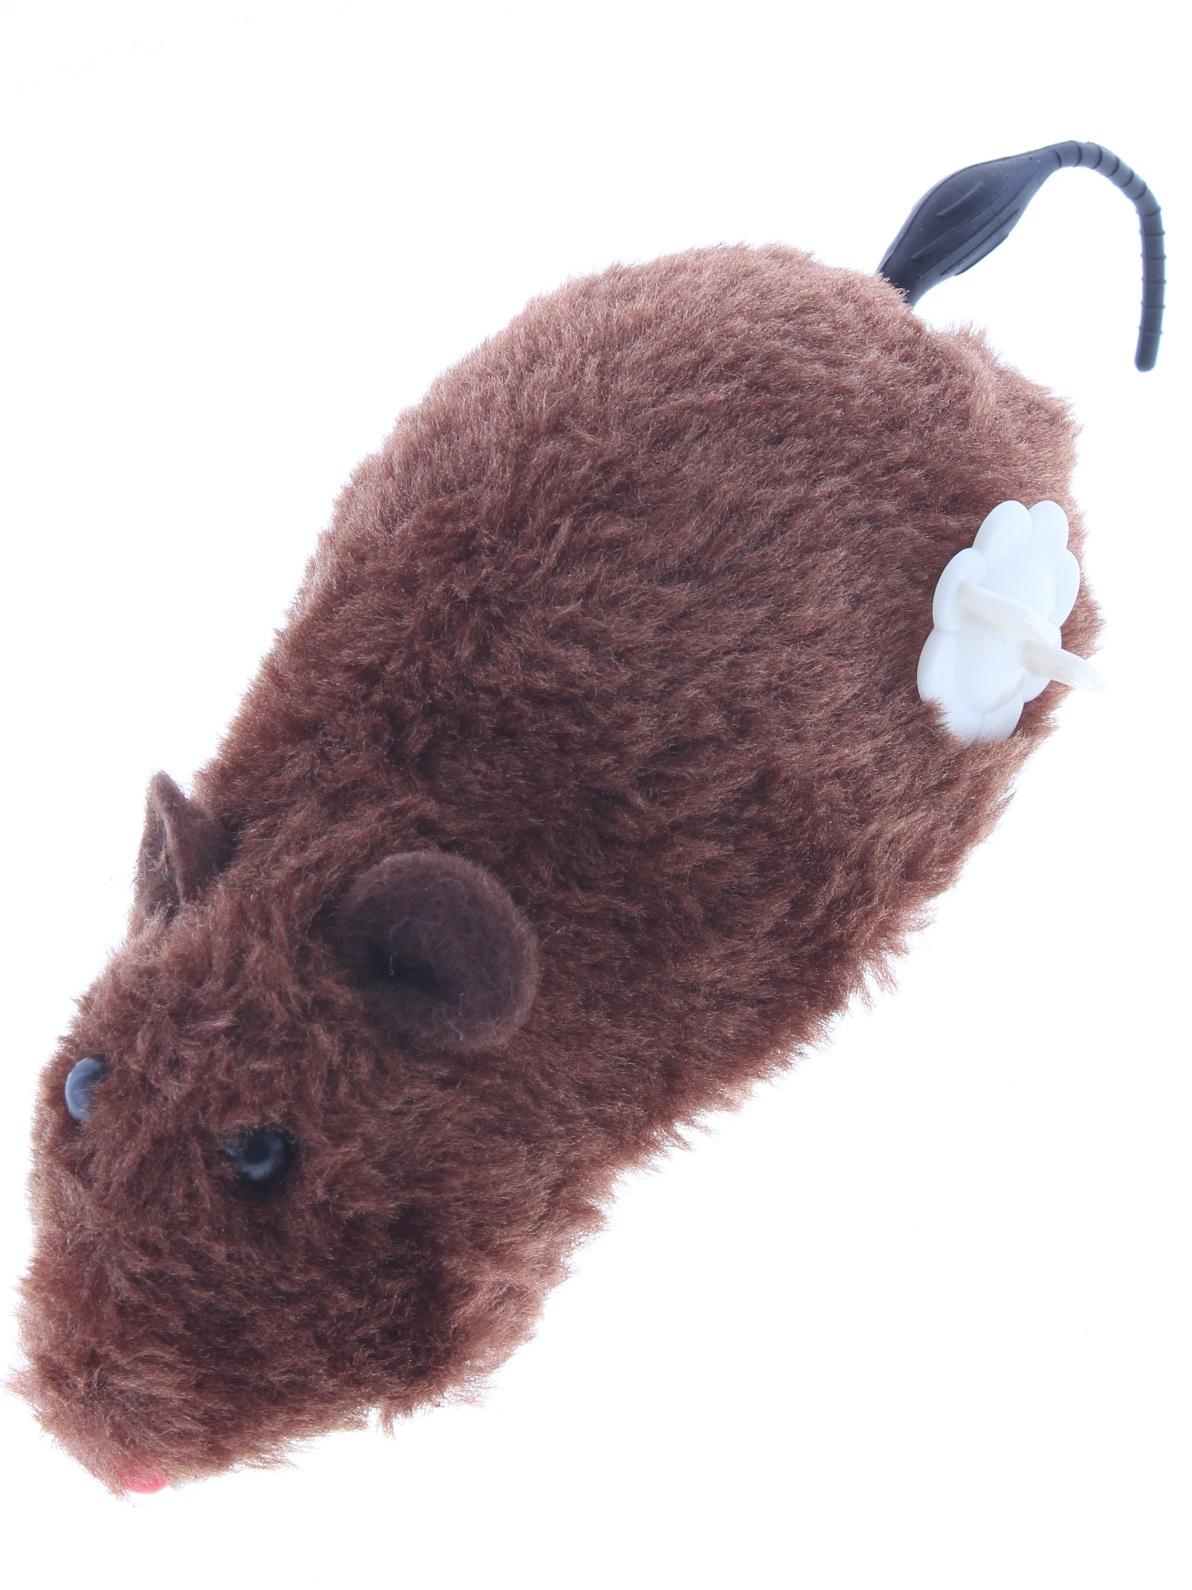 Игрушка для кошек Зоомания Мышь заводная 7426936736999, коричневый игрушка hamleys заводная для ванной кит